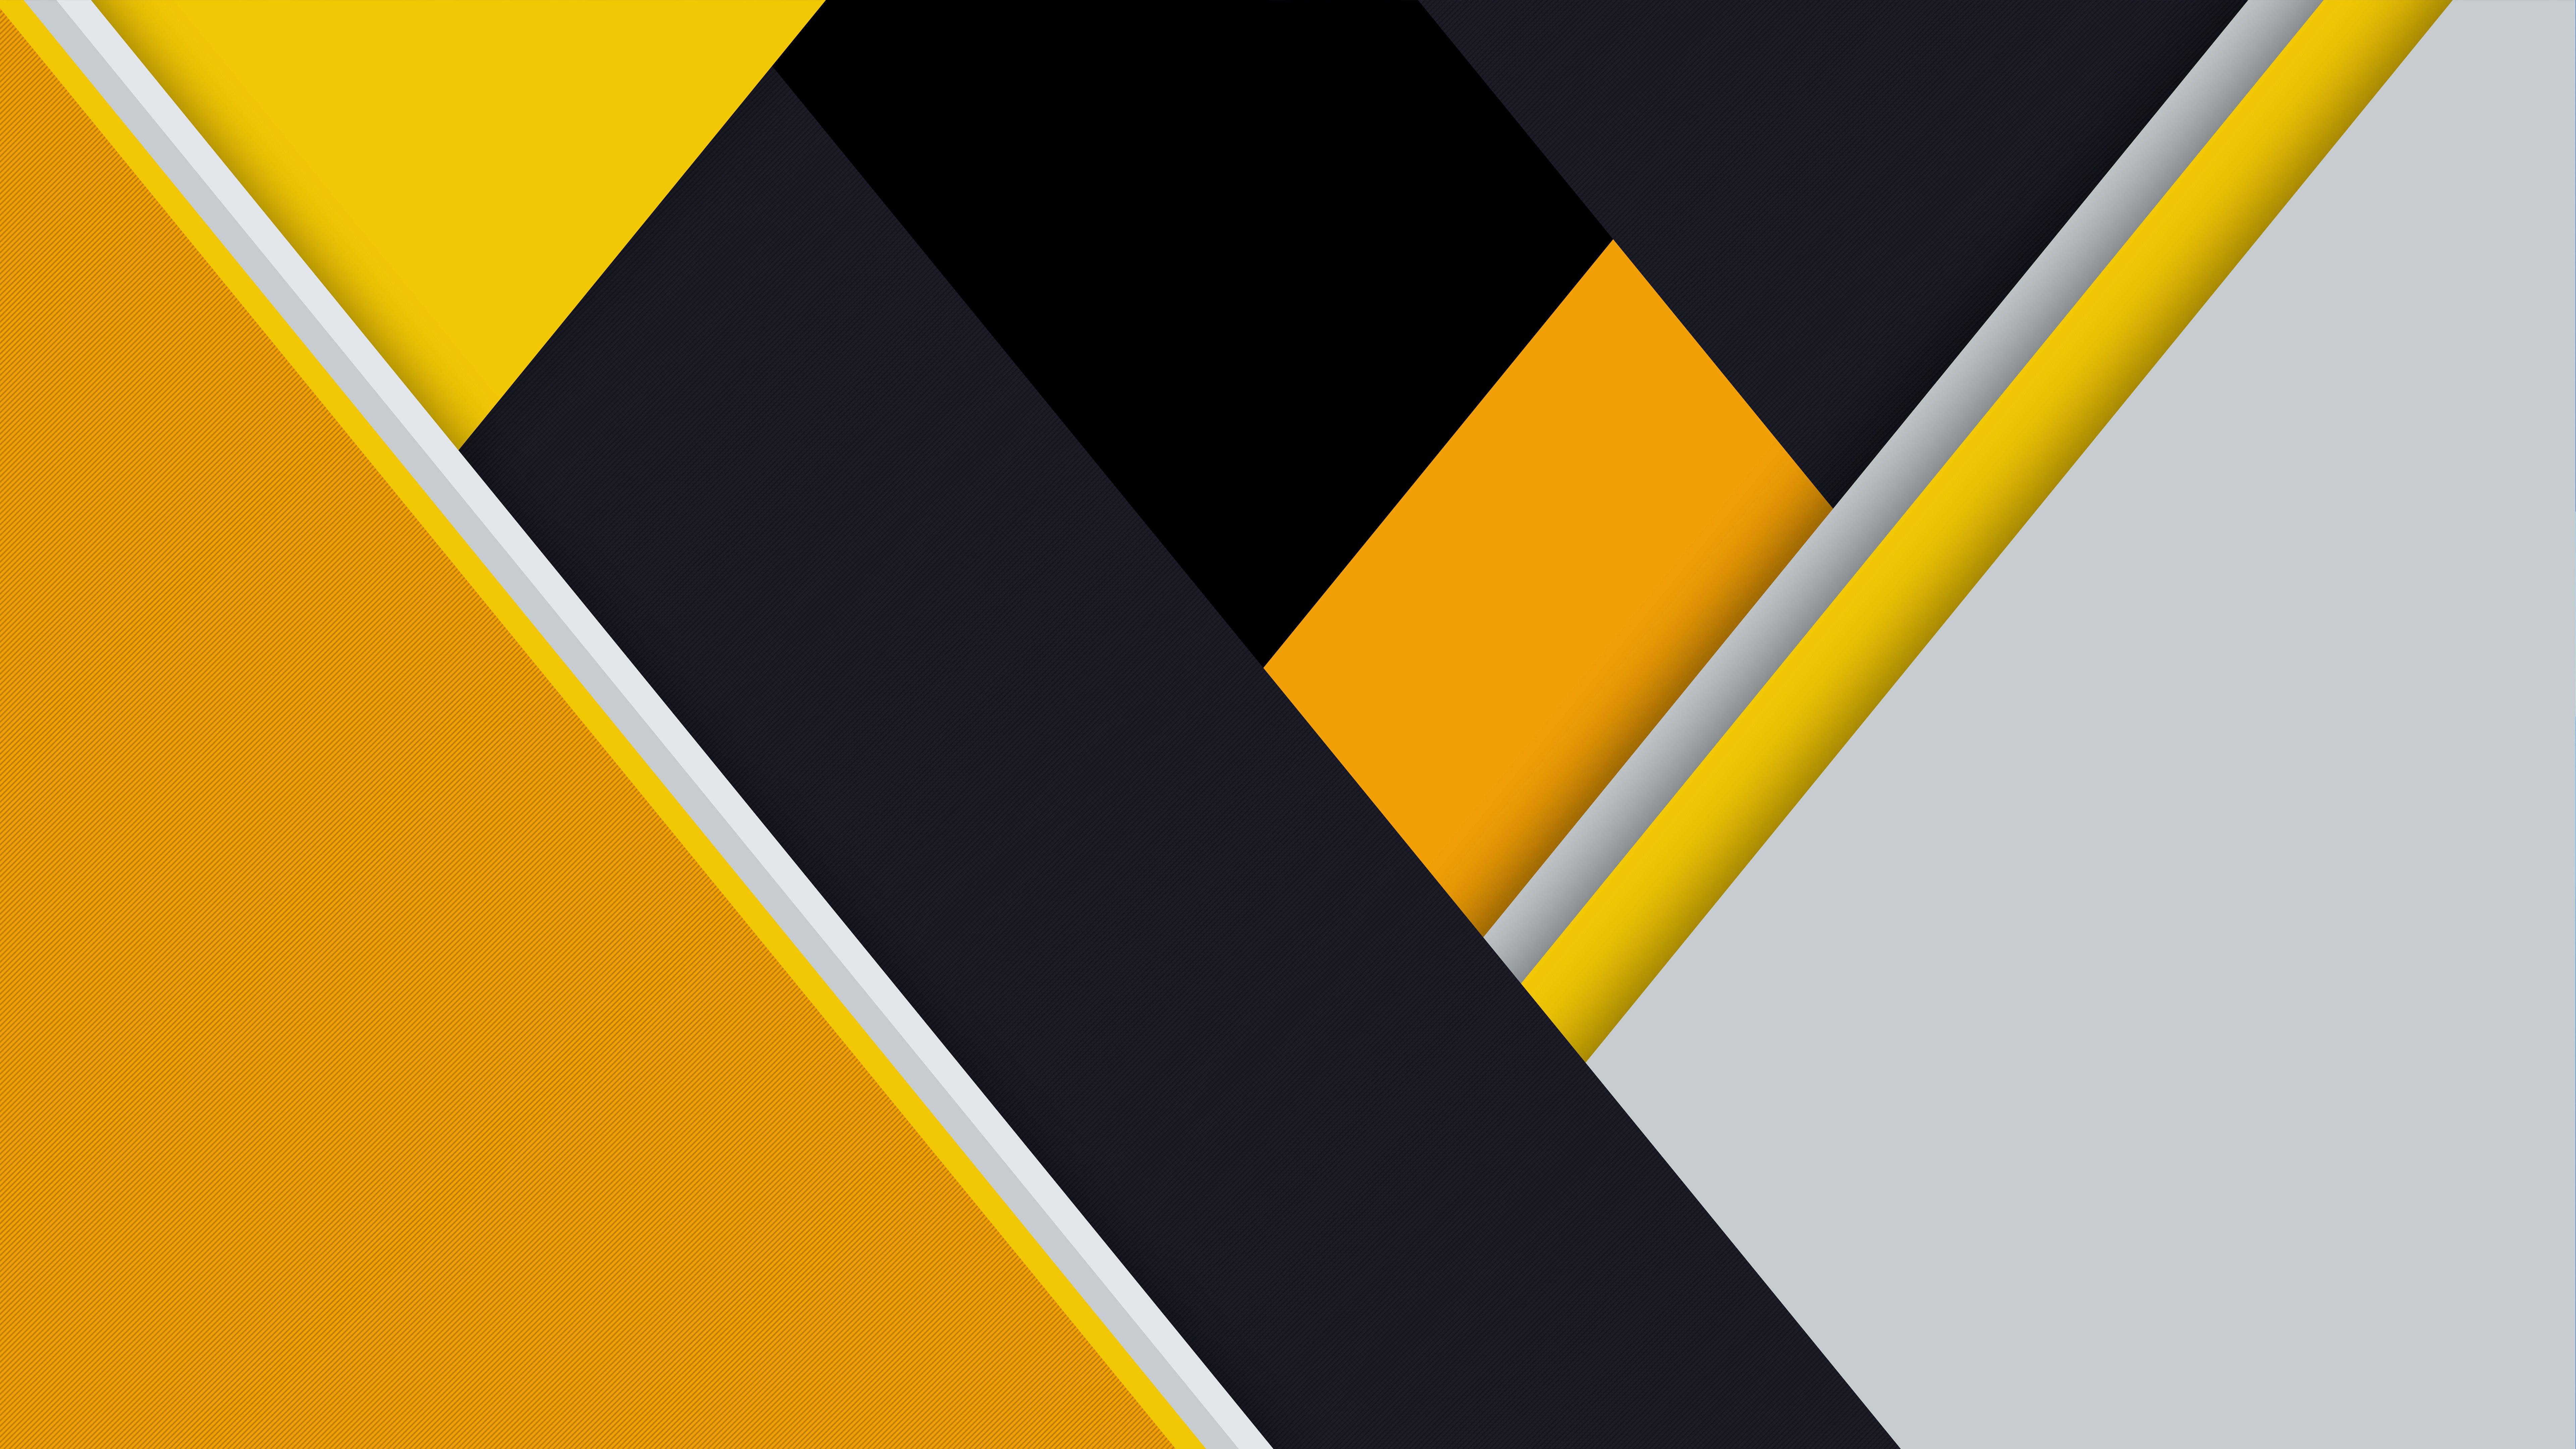 Fondos de pantalla Diseño de amarillo, negro y gris